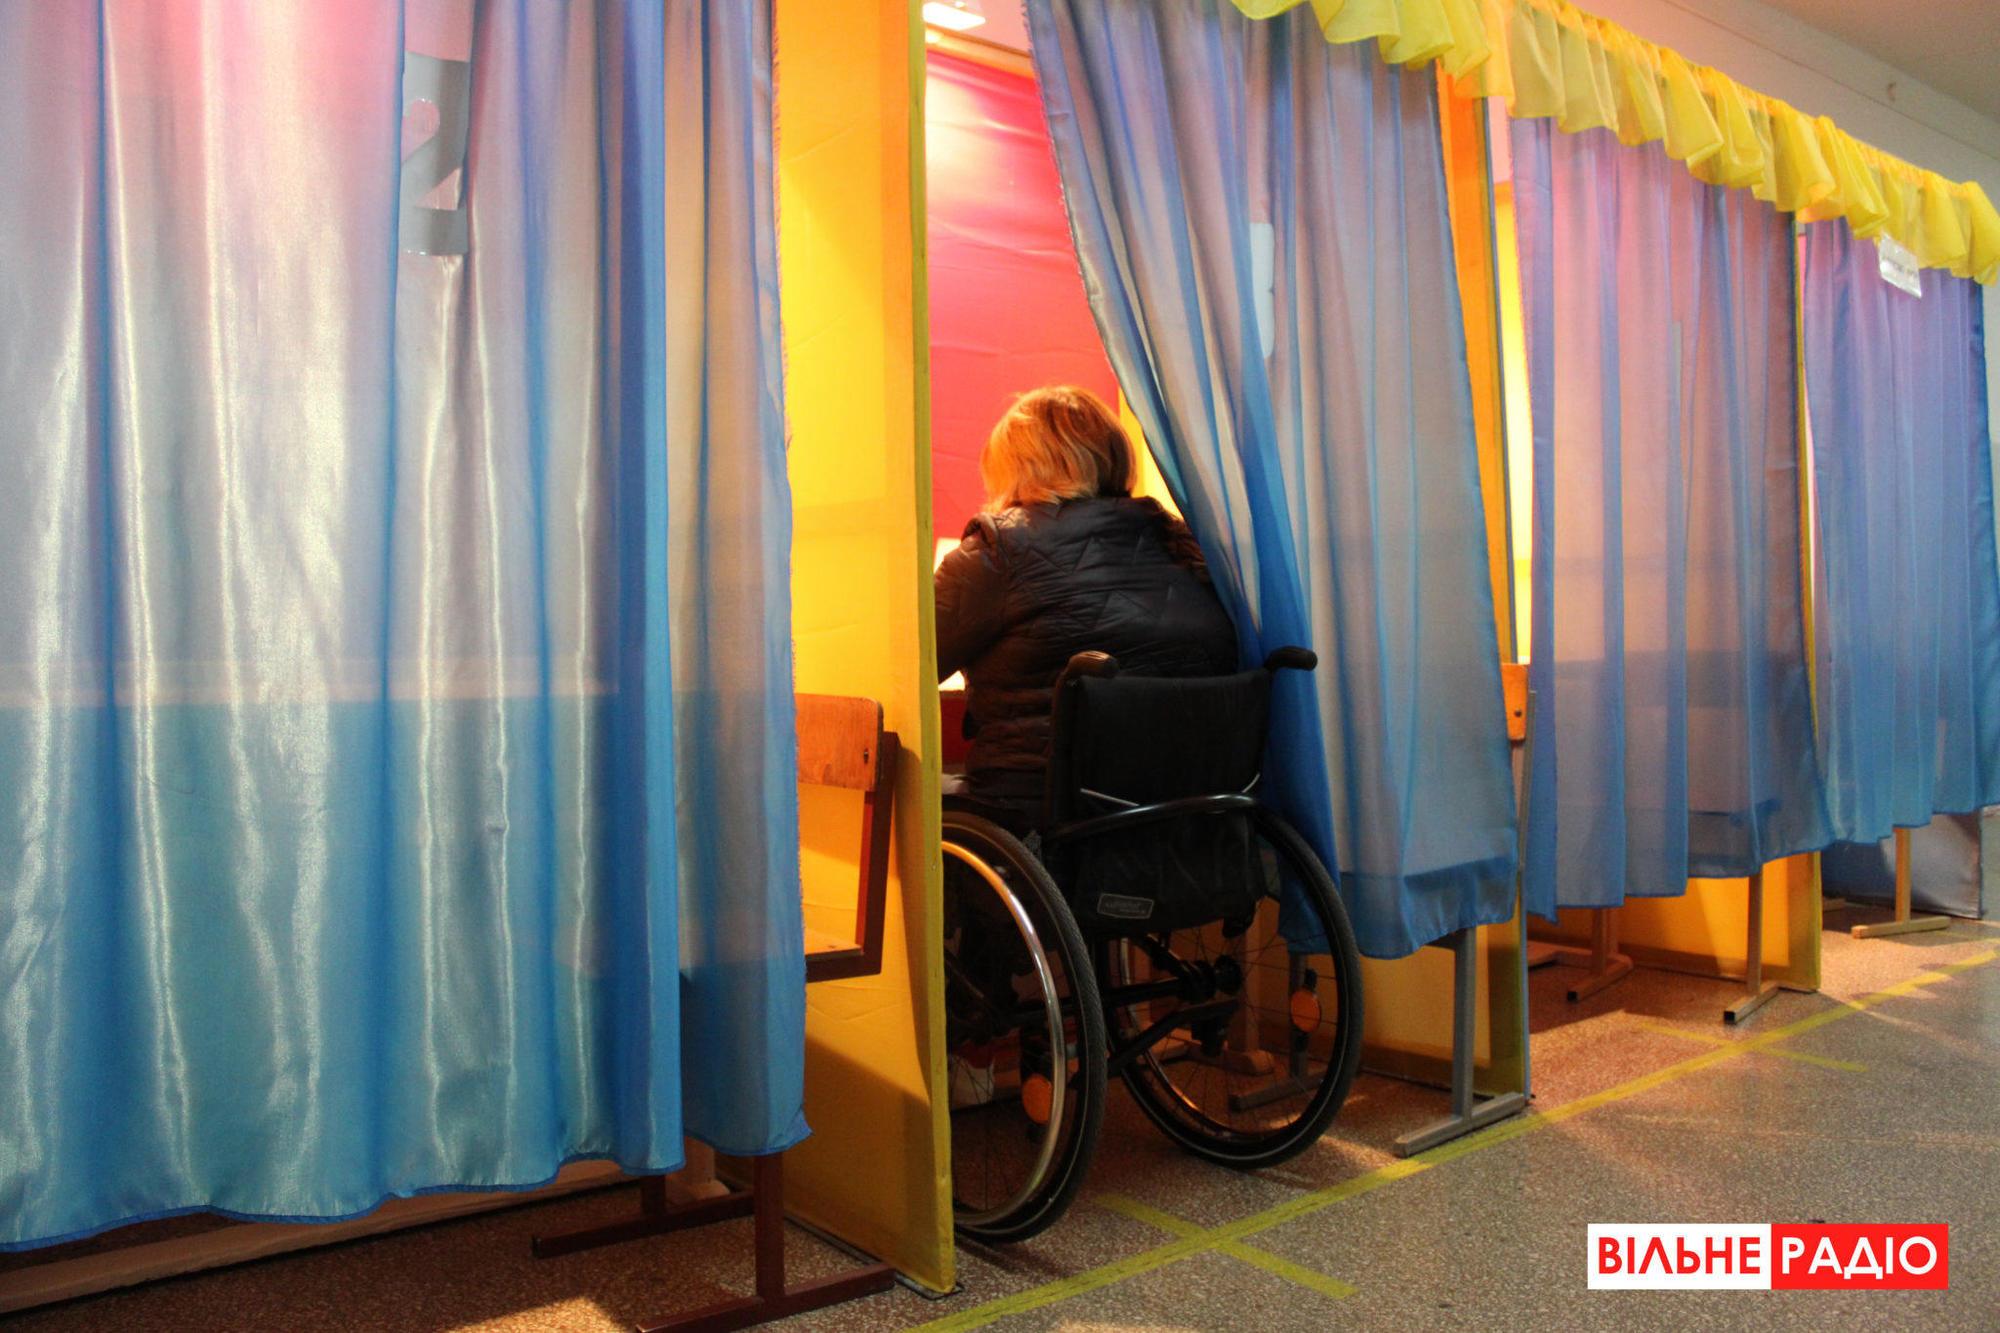 Голосування для маломобільних. В Бахмуті не стало більше пандусів на дільницях